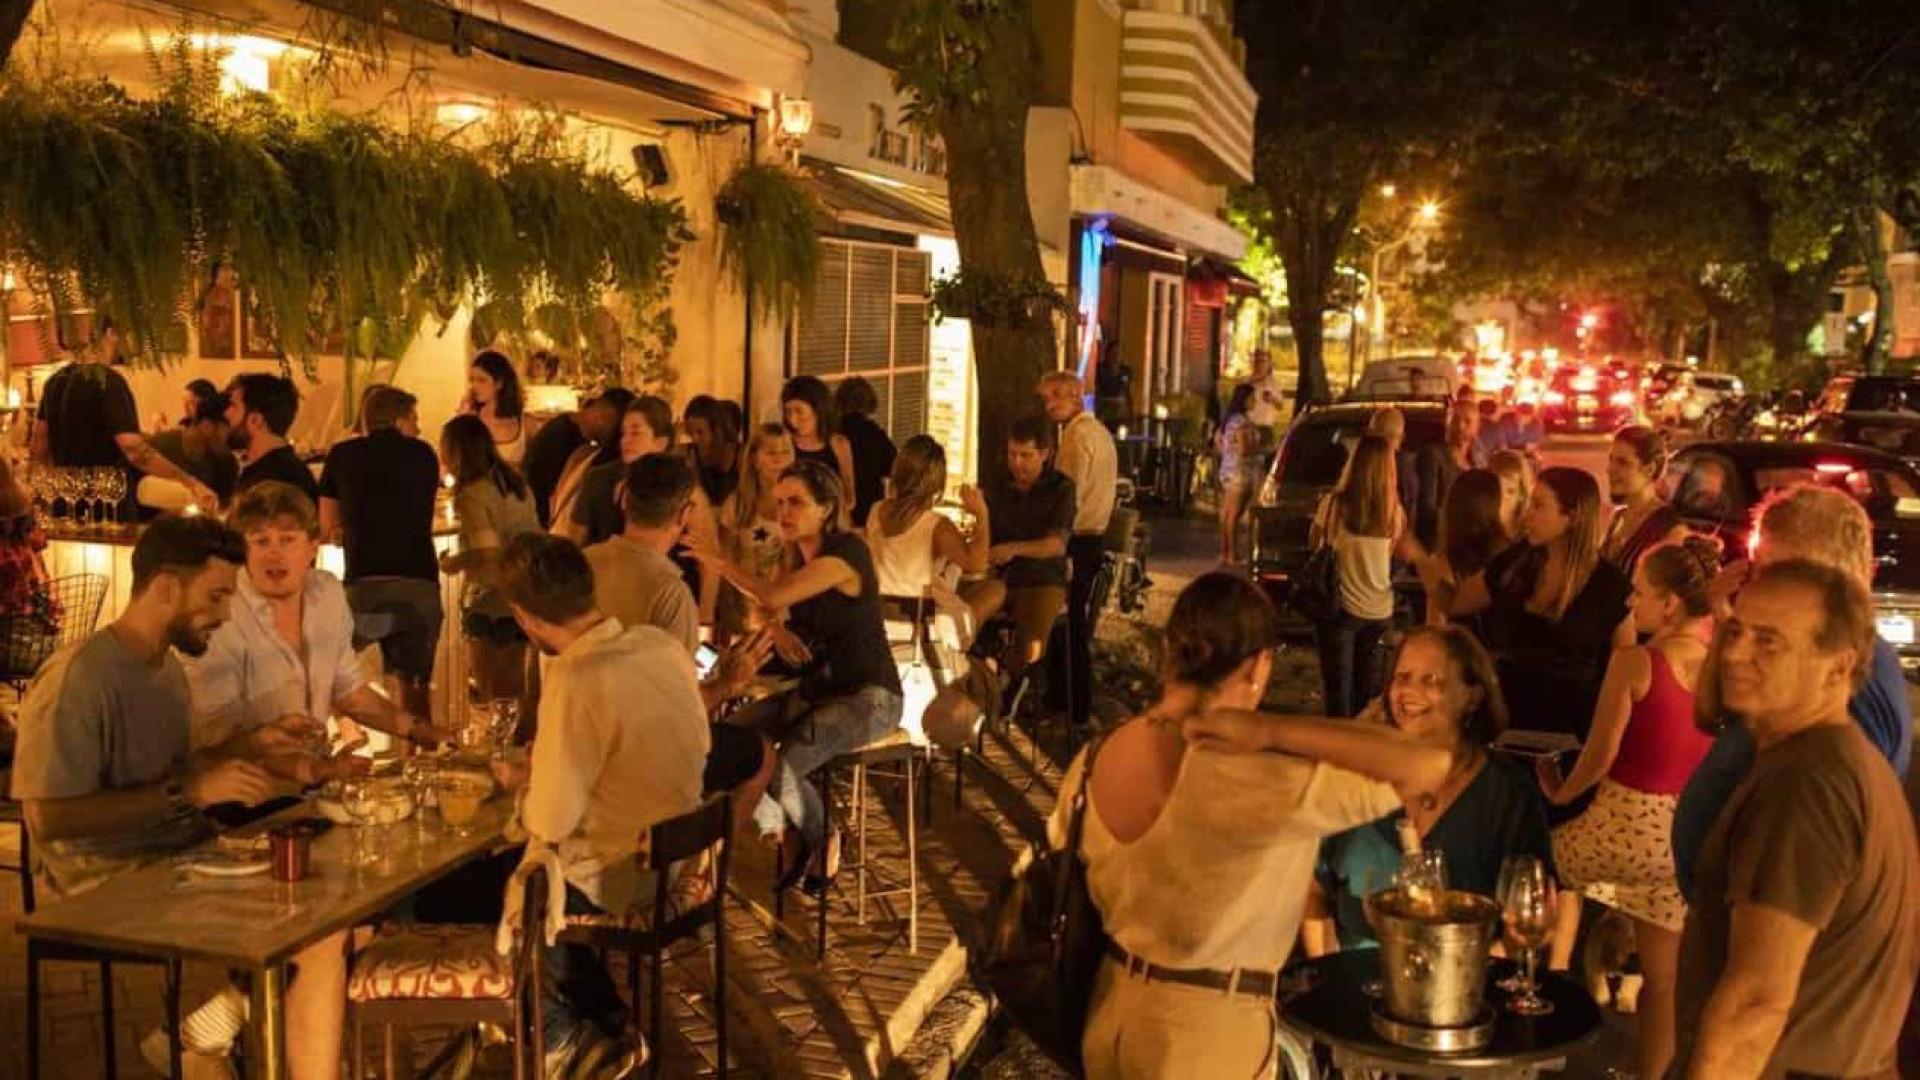 'País pagará por abrir bar antes da escola'